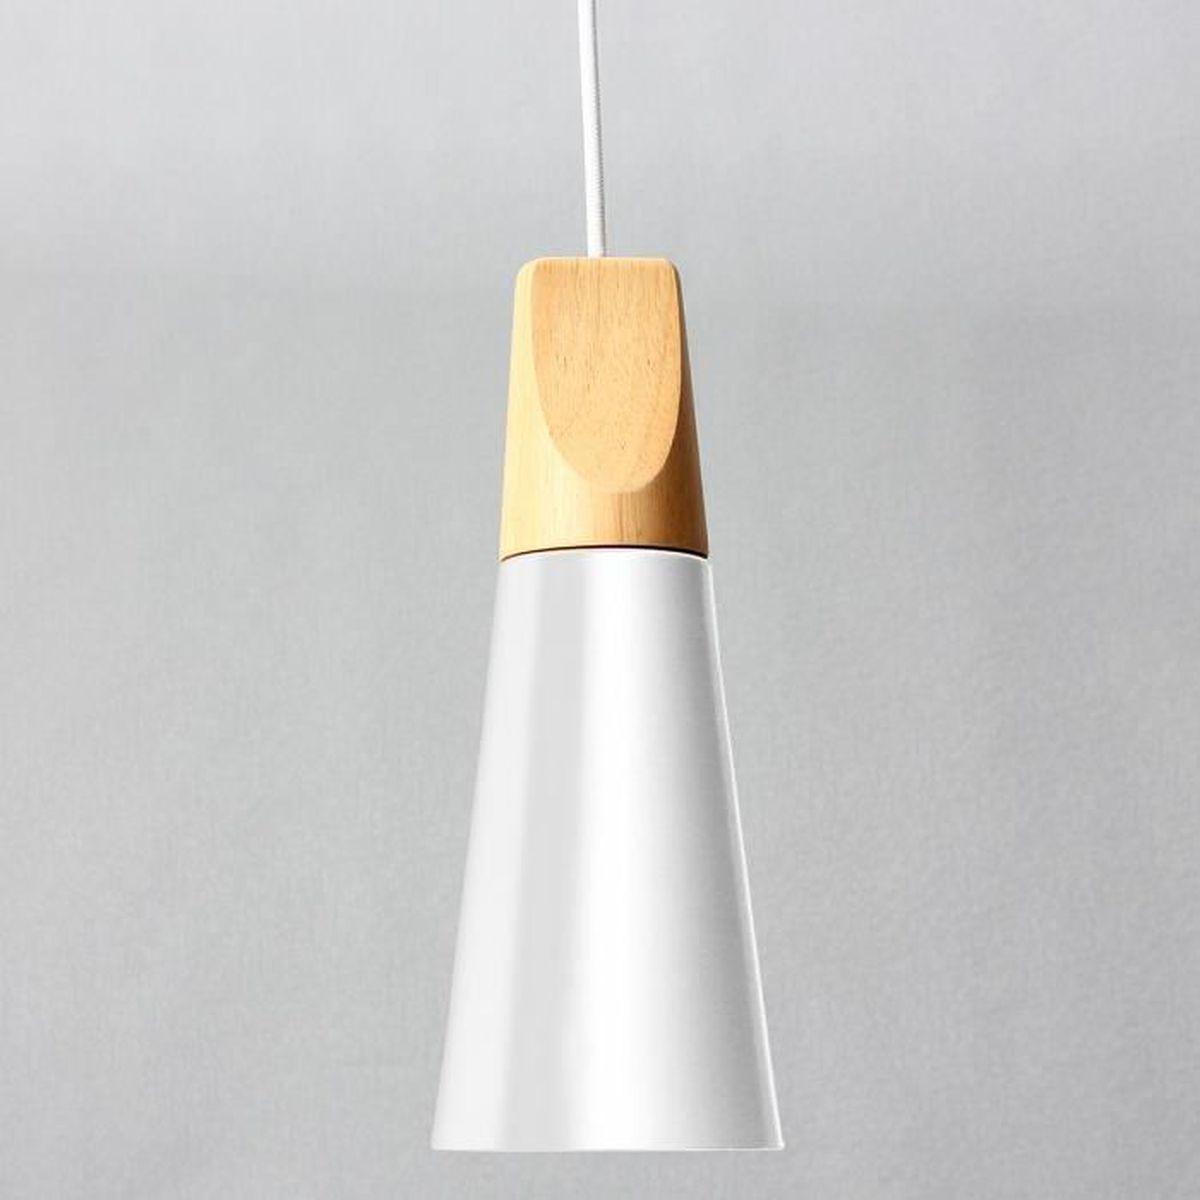 11cm Ac110 Jour Suspension Lampe U 25 Abat 240v E27 De Blanc Chevet 80nOPwNkX